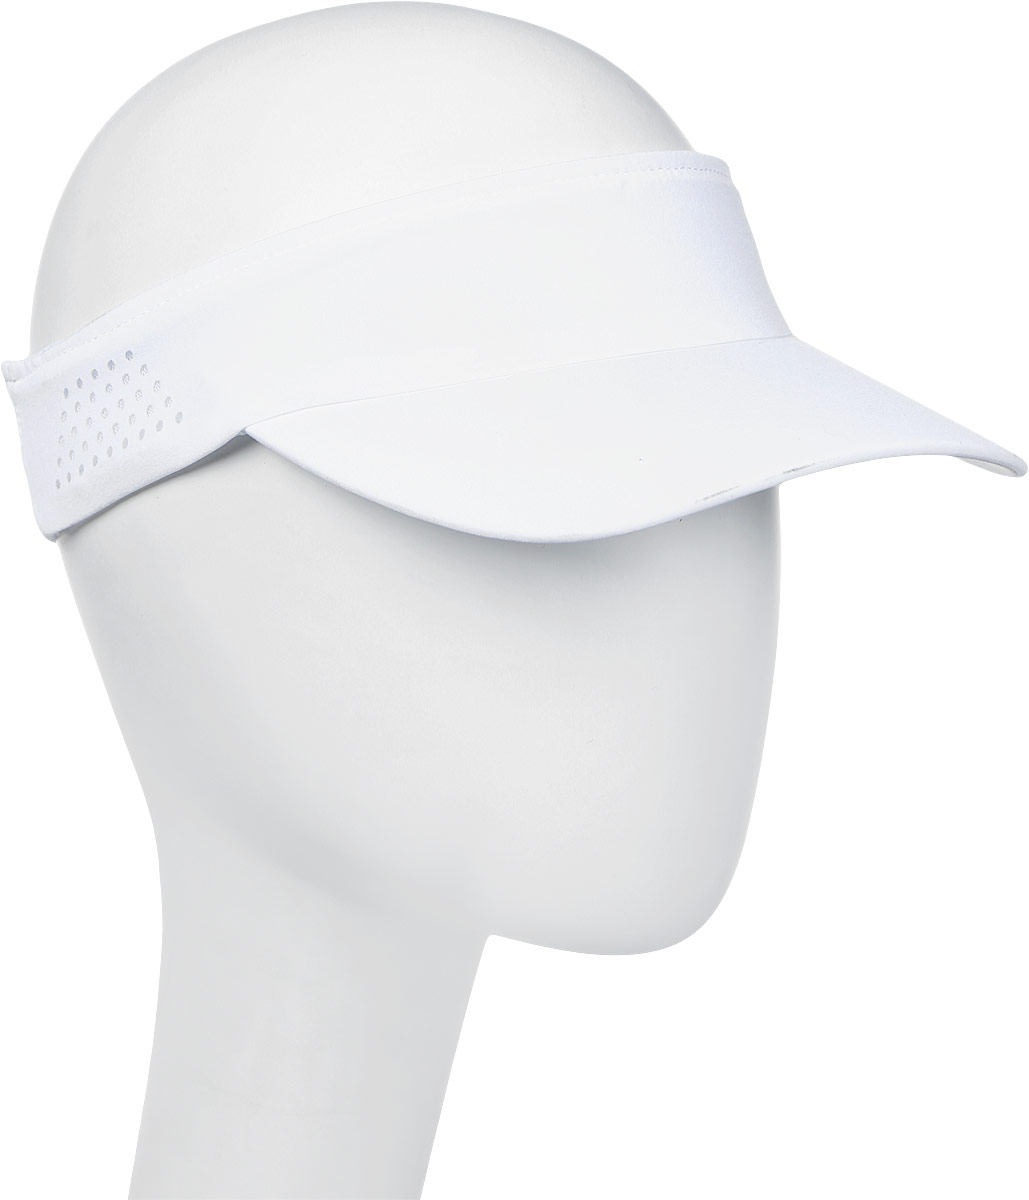 Козырек мужской Asics Visor Performance, цвет: белый. 155012-0014. Размер универсальный155012-0014